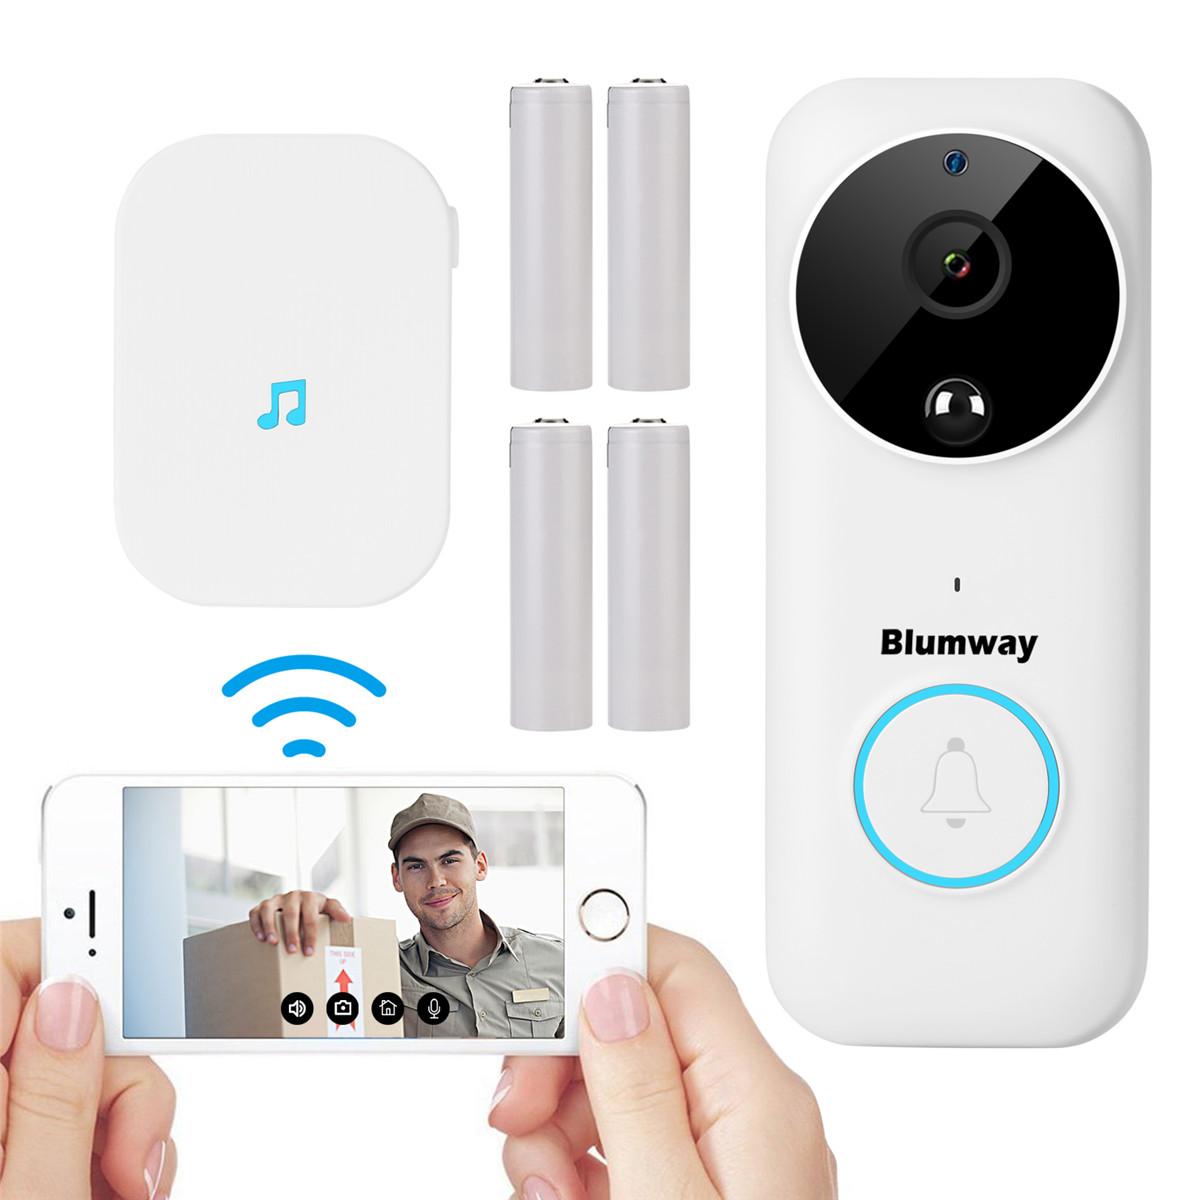 1080P リアルタイムビデオ会話 ワイヤレス認証済 限定モデル 日本語取説と日本語動画付き Blumway 進化版 ワイヤレスインターホン ビデオドアホン 1080HDリアルタイムビデオ会話機能 ナイトビジョン PIR動き検出 Wi-Fi対応 300M感知 166度広角レンズ ホワイト 介護 呼び出し 防盗用 来客 お得クーポン発行中 充電式バッテリと日本語取扱説明動画付き 携帯コントロール可能